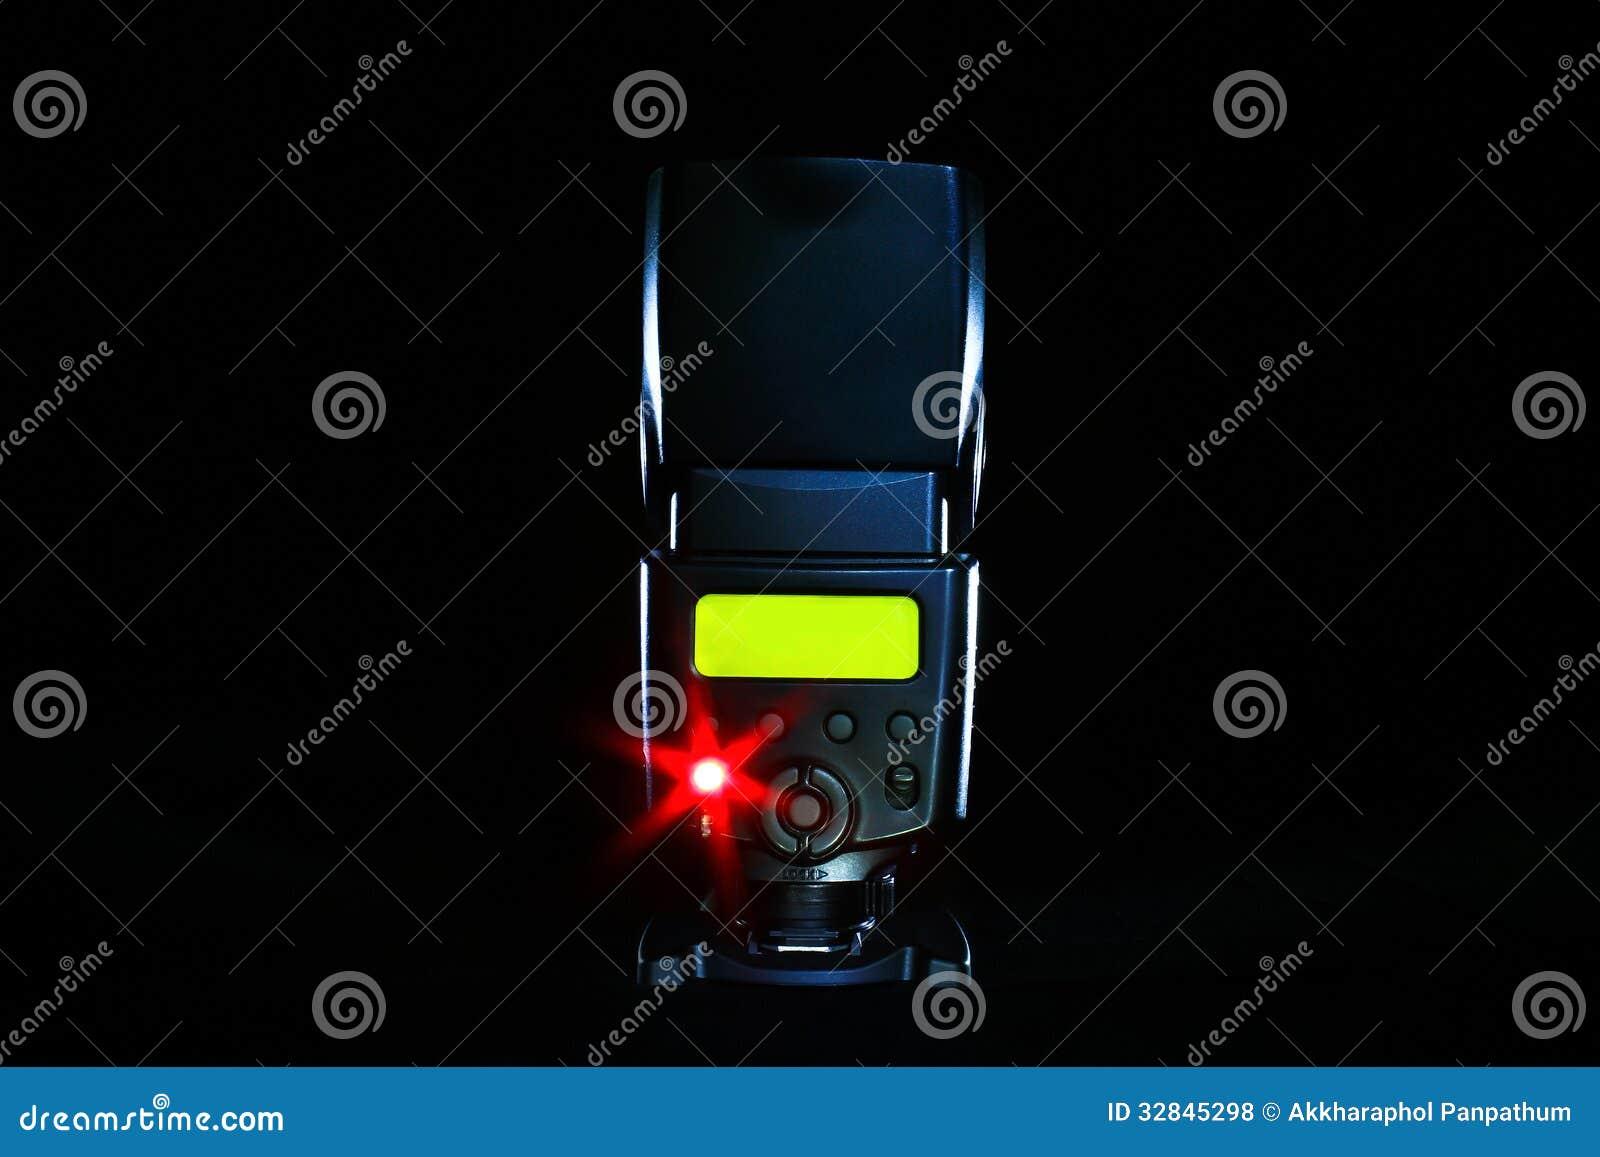 Вспышка цифровой фотокамера